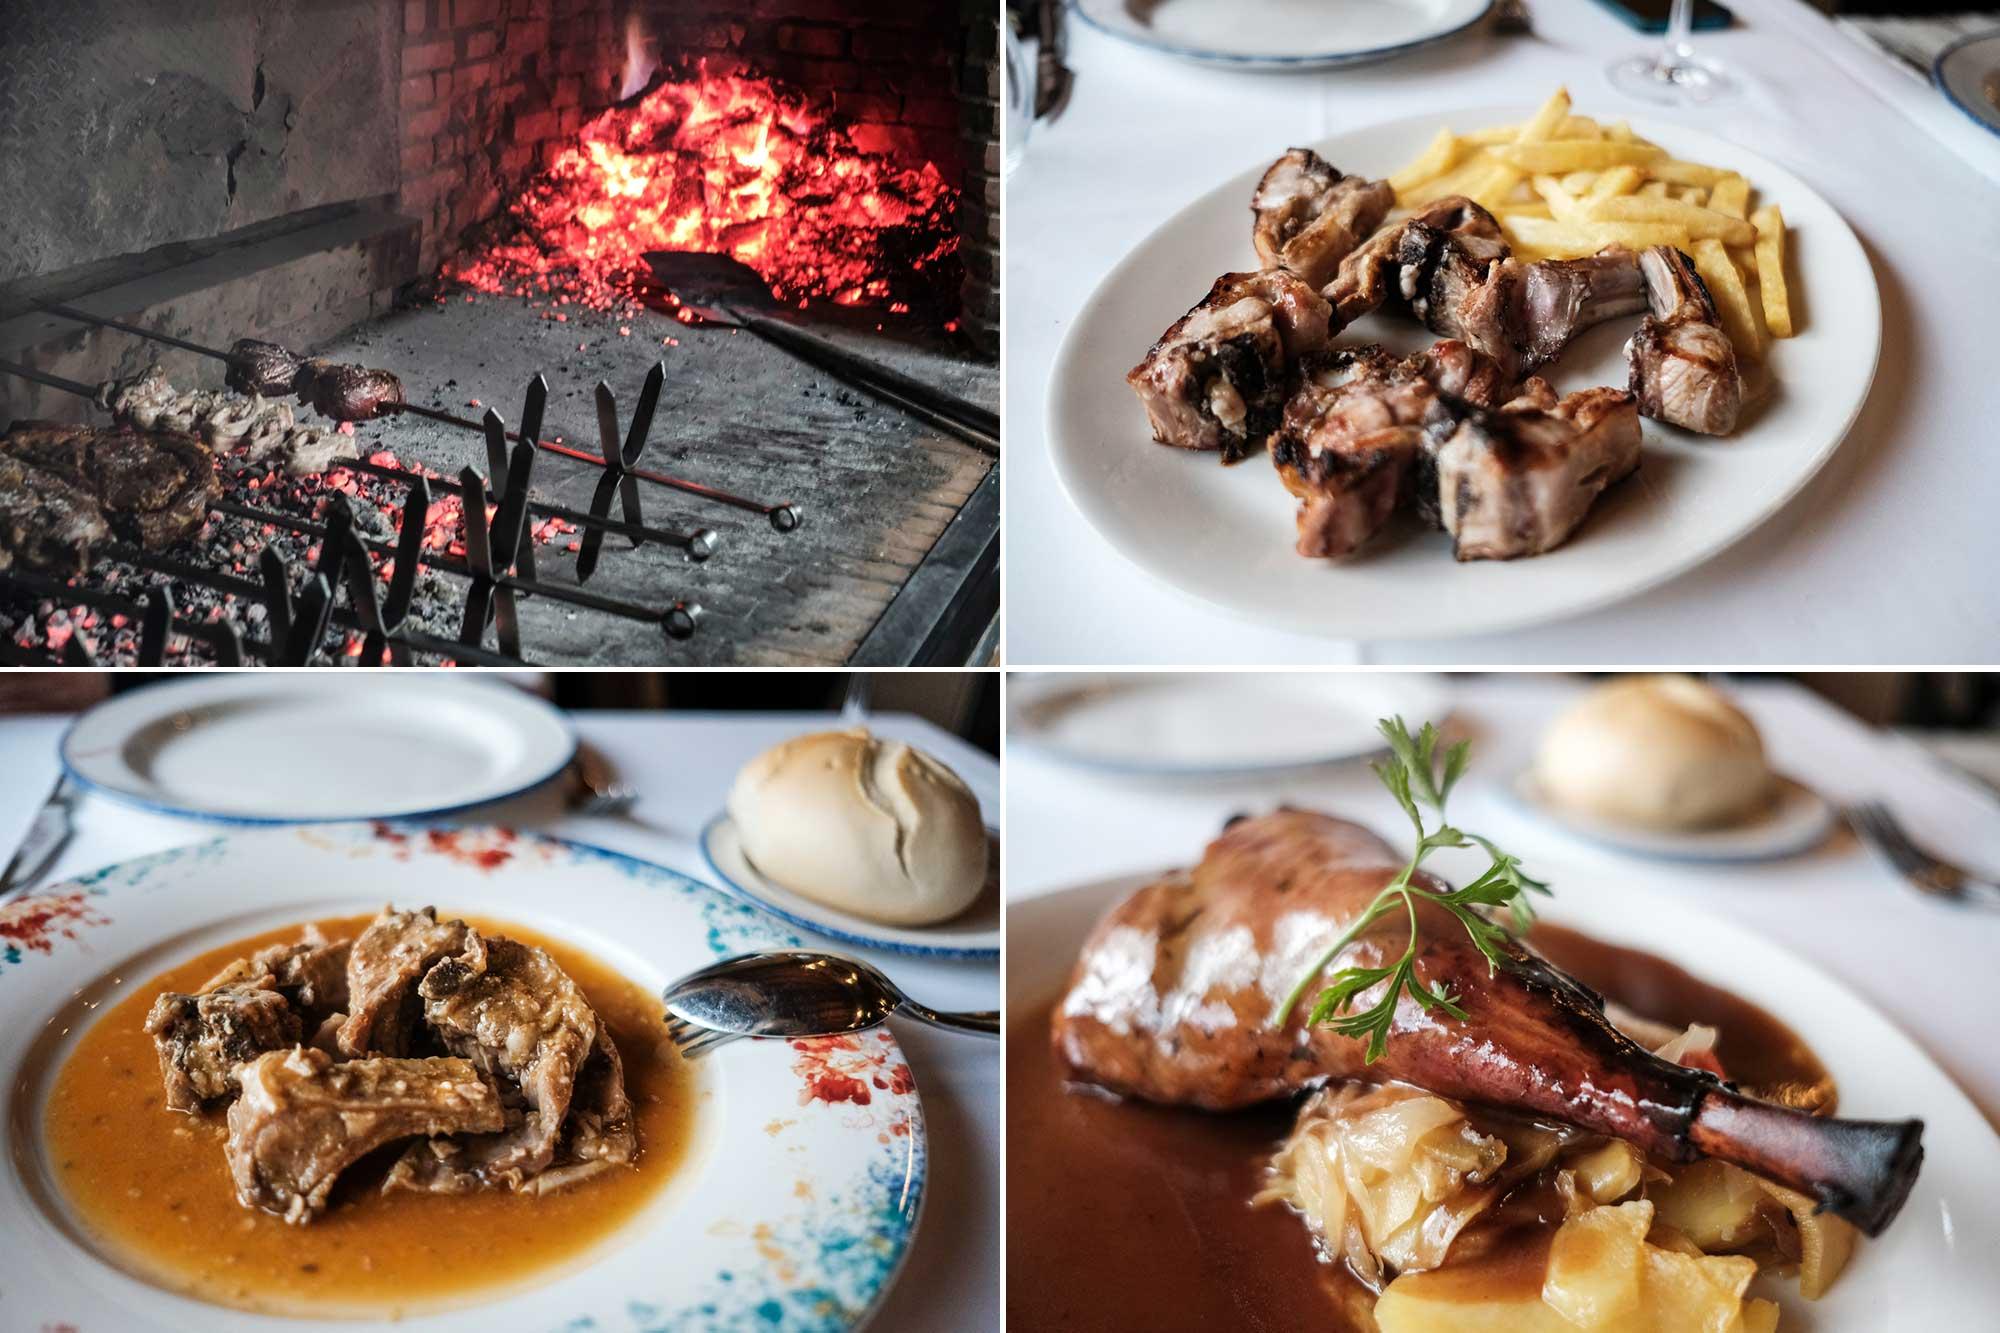 En el restaurante 'Mirasierra' se sirven cuatro platos diferentes de cabrito lechal.